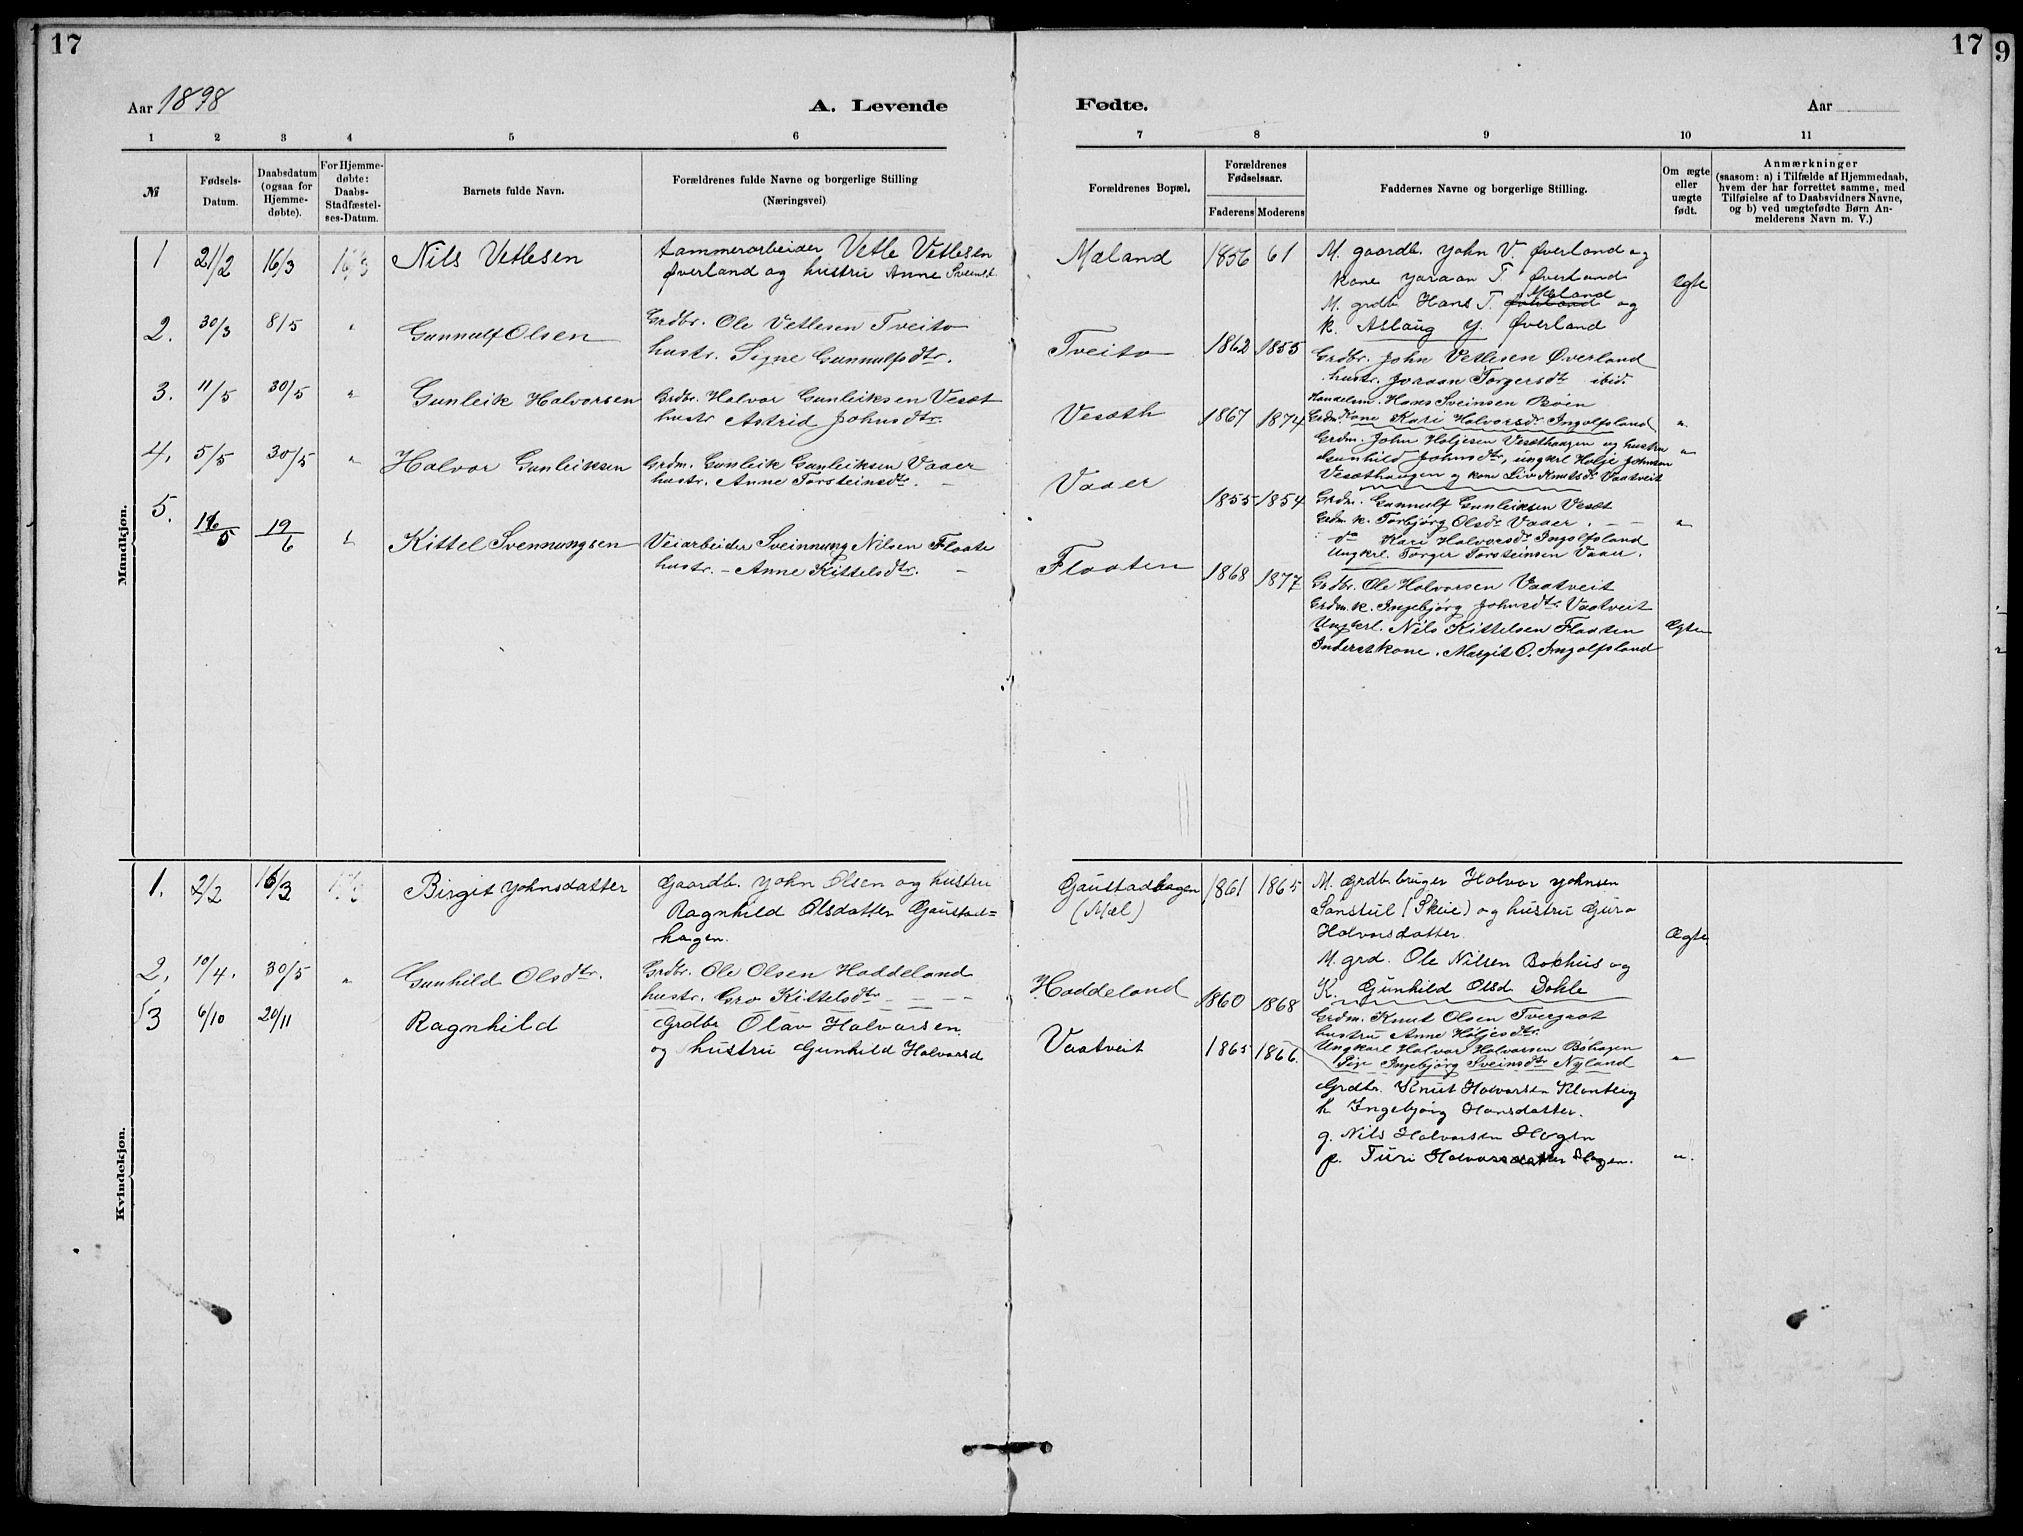 SAKO, Rjukan kirkebøker, G/Ga/L0001: Klokkerbok nr. 1, 1880-1914, s. 17